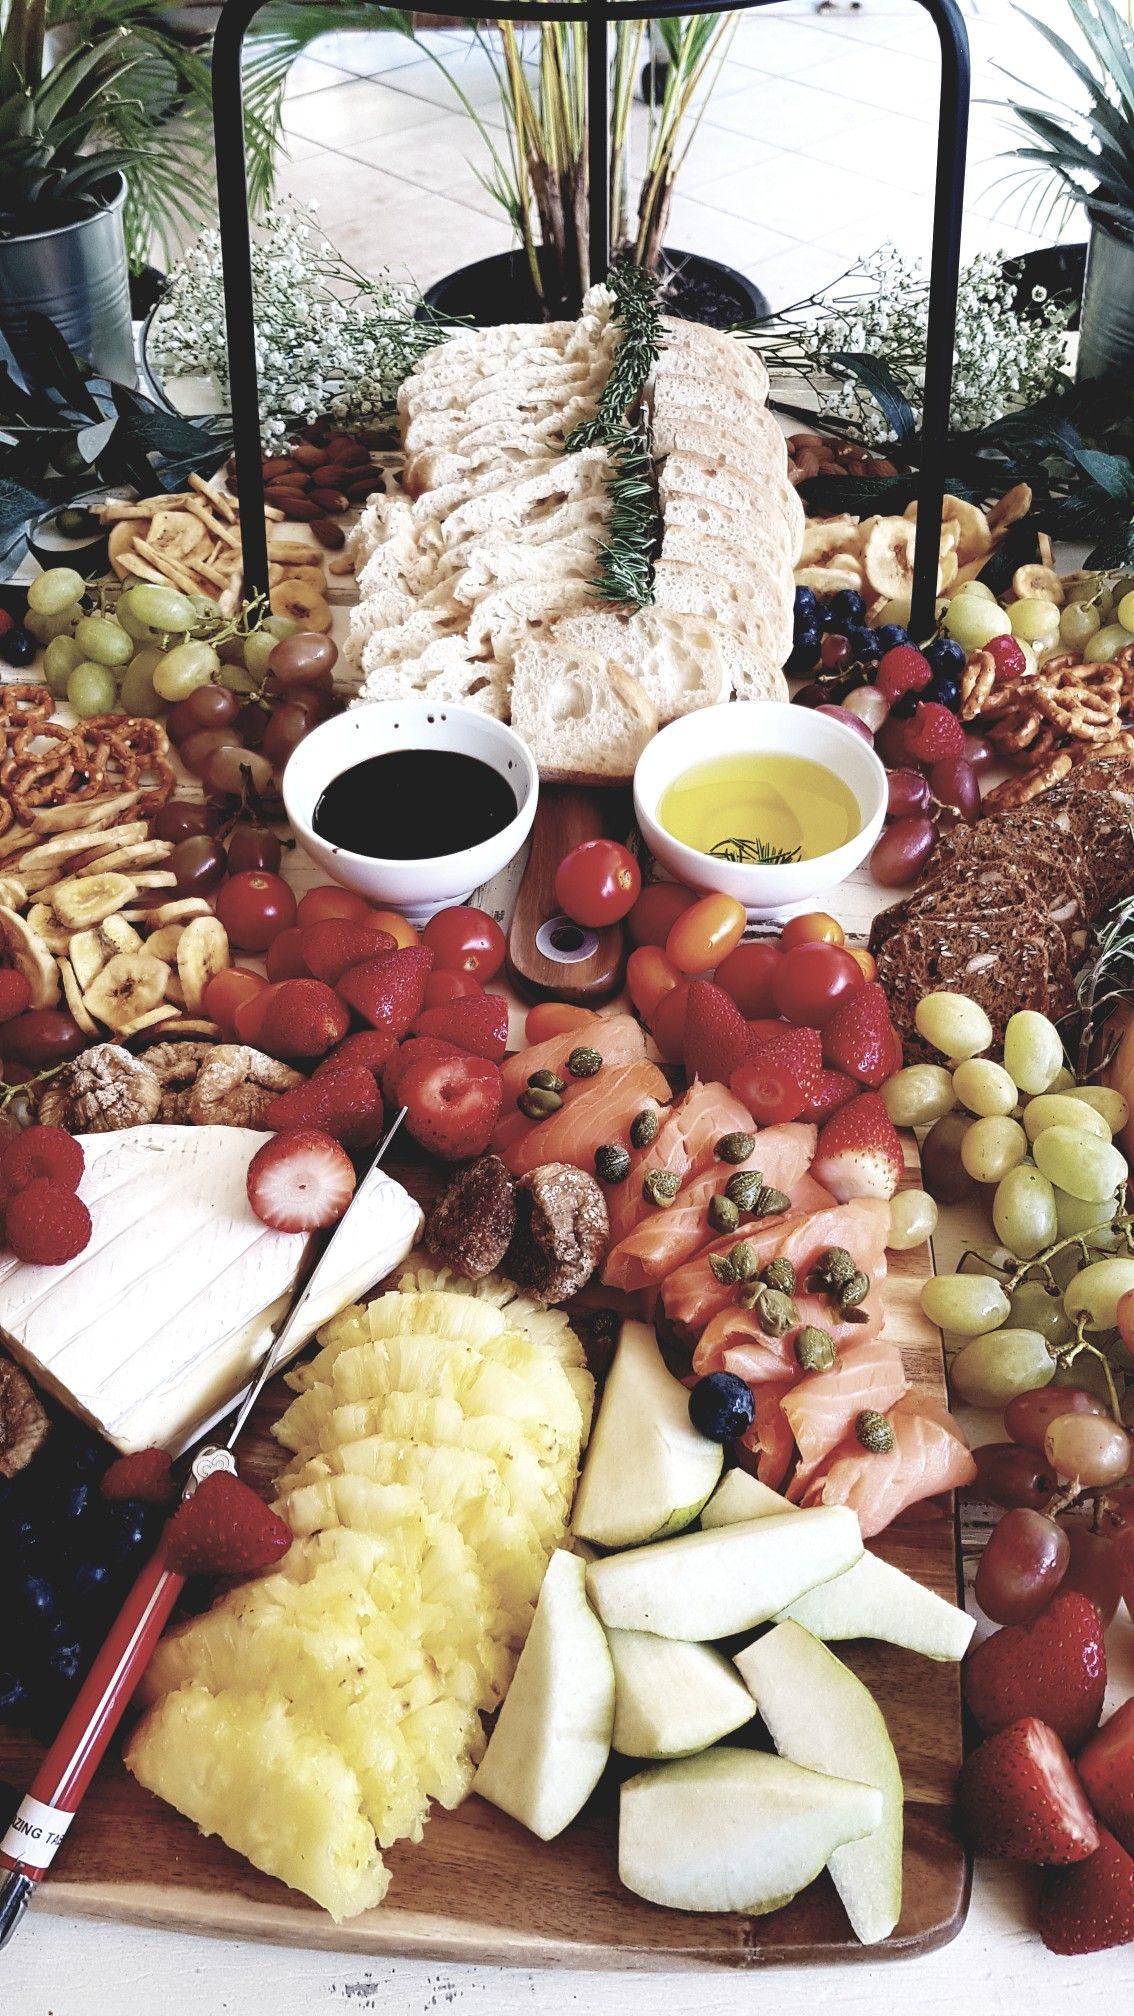 Grazing Table Bridal Shower Thegrazingtblelady Grazing Tables Food Fruit Platter